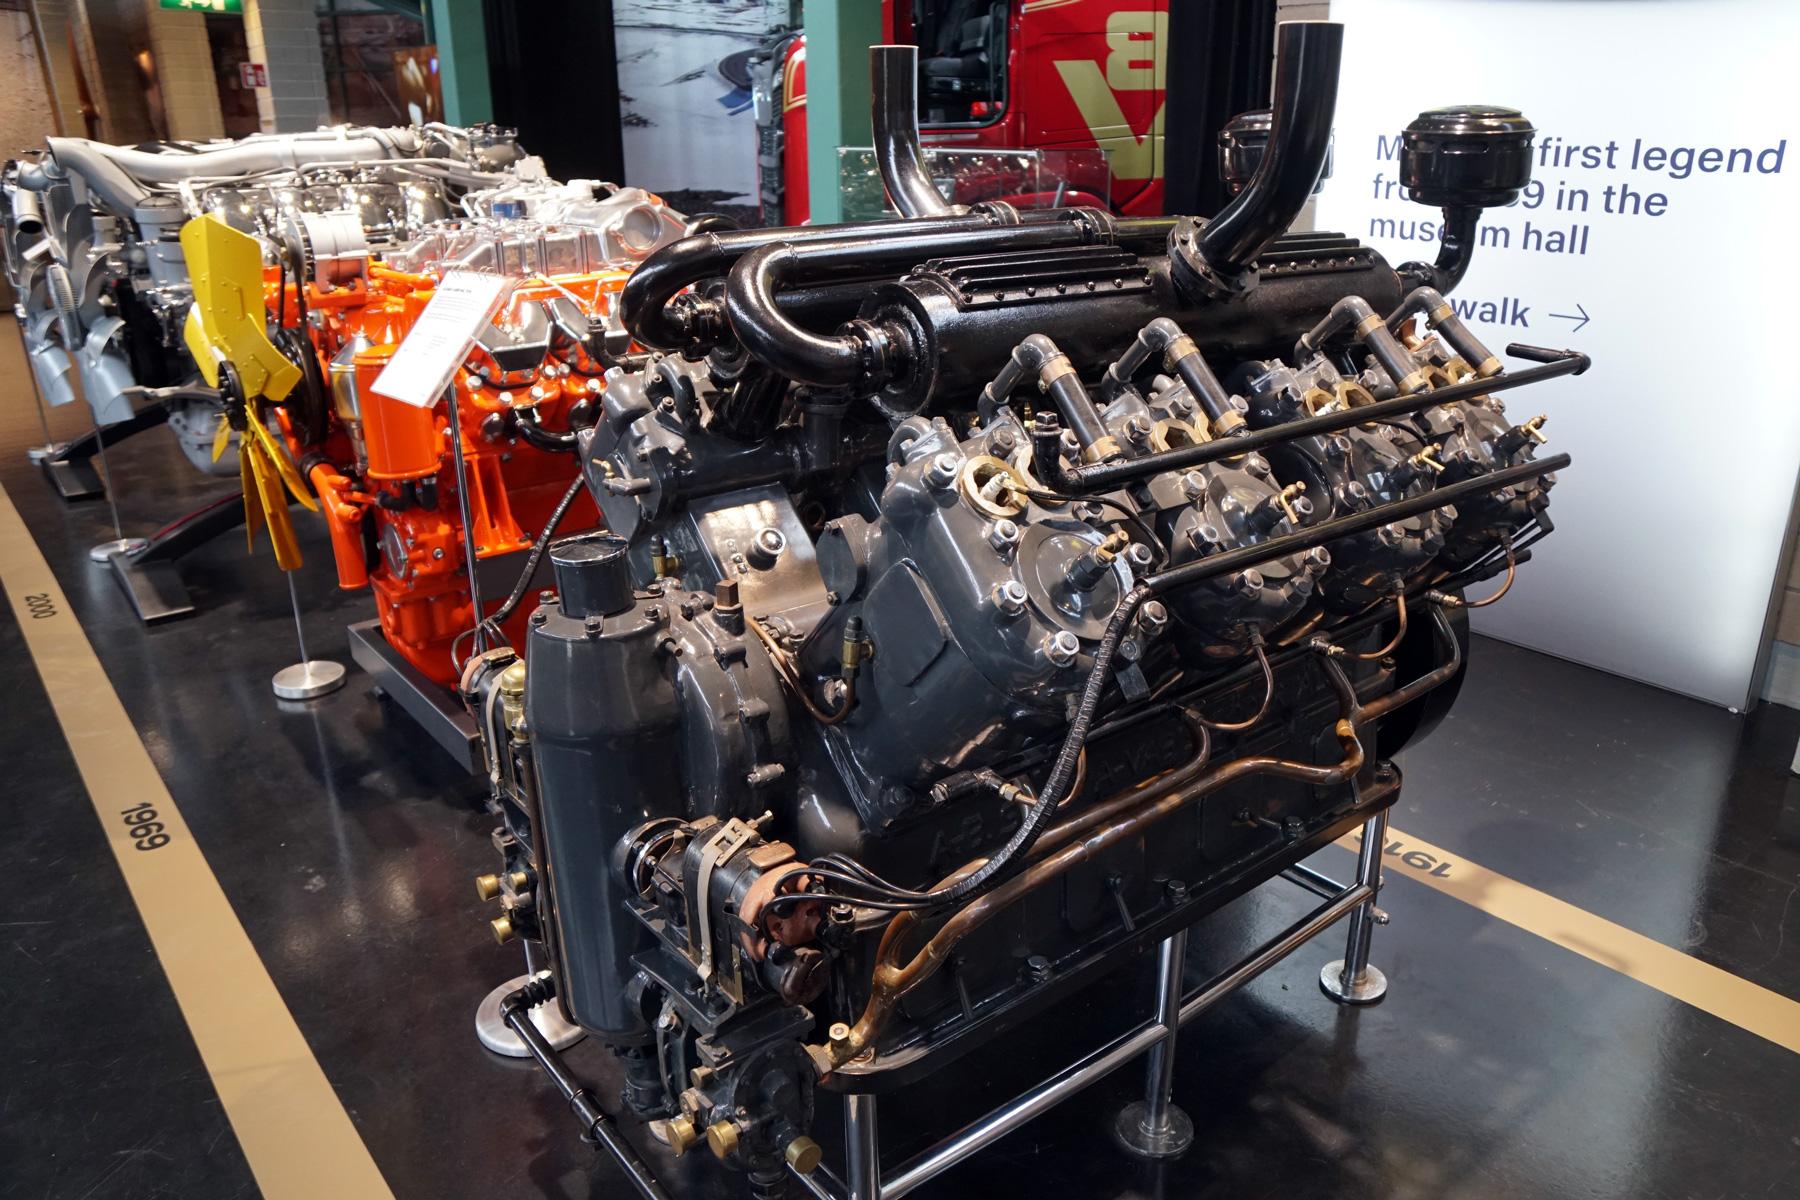 このV8エンジンは、スカニア・ヴァビスの船舶部門が1916年に開発したもの